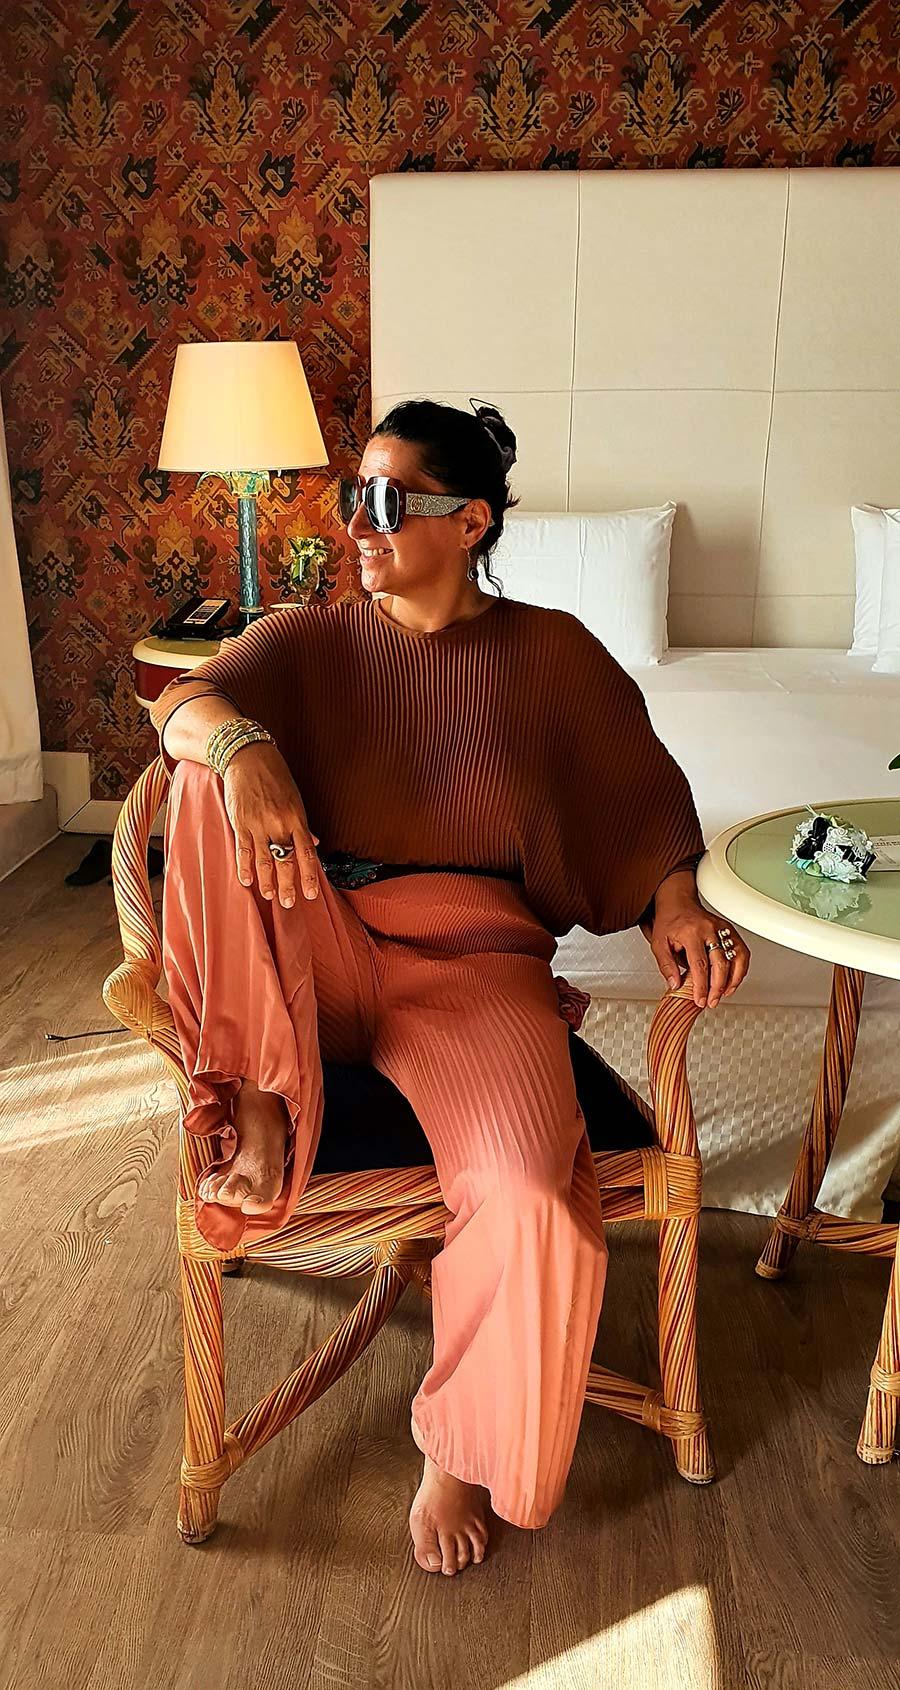 Hotel Excelsior Venice Lido Junior Suite 2021 Gracie Opulanza Italy (6)